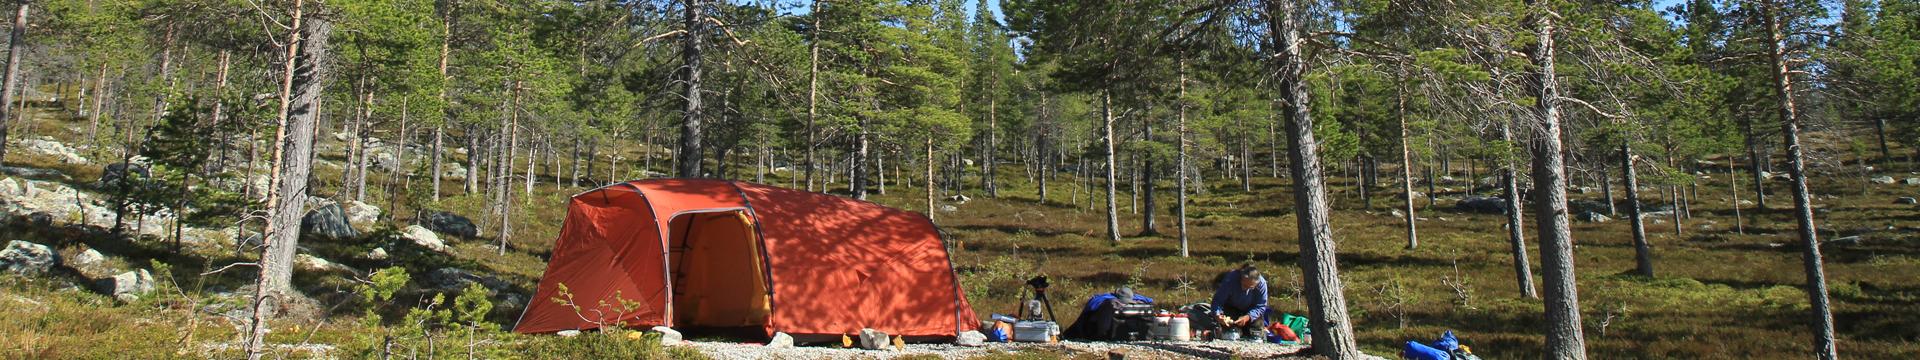 3 - 6 Personen Zelte